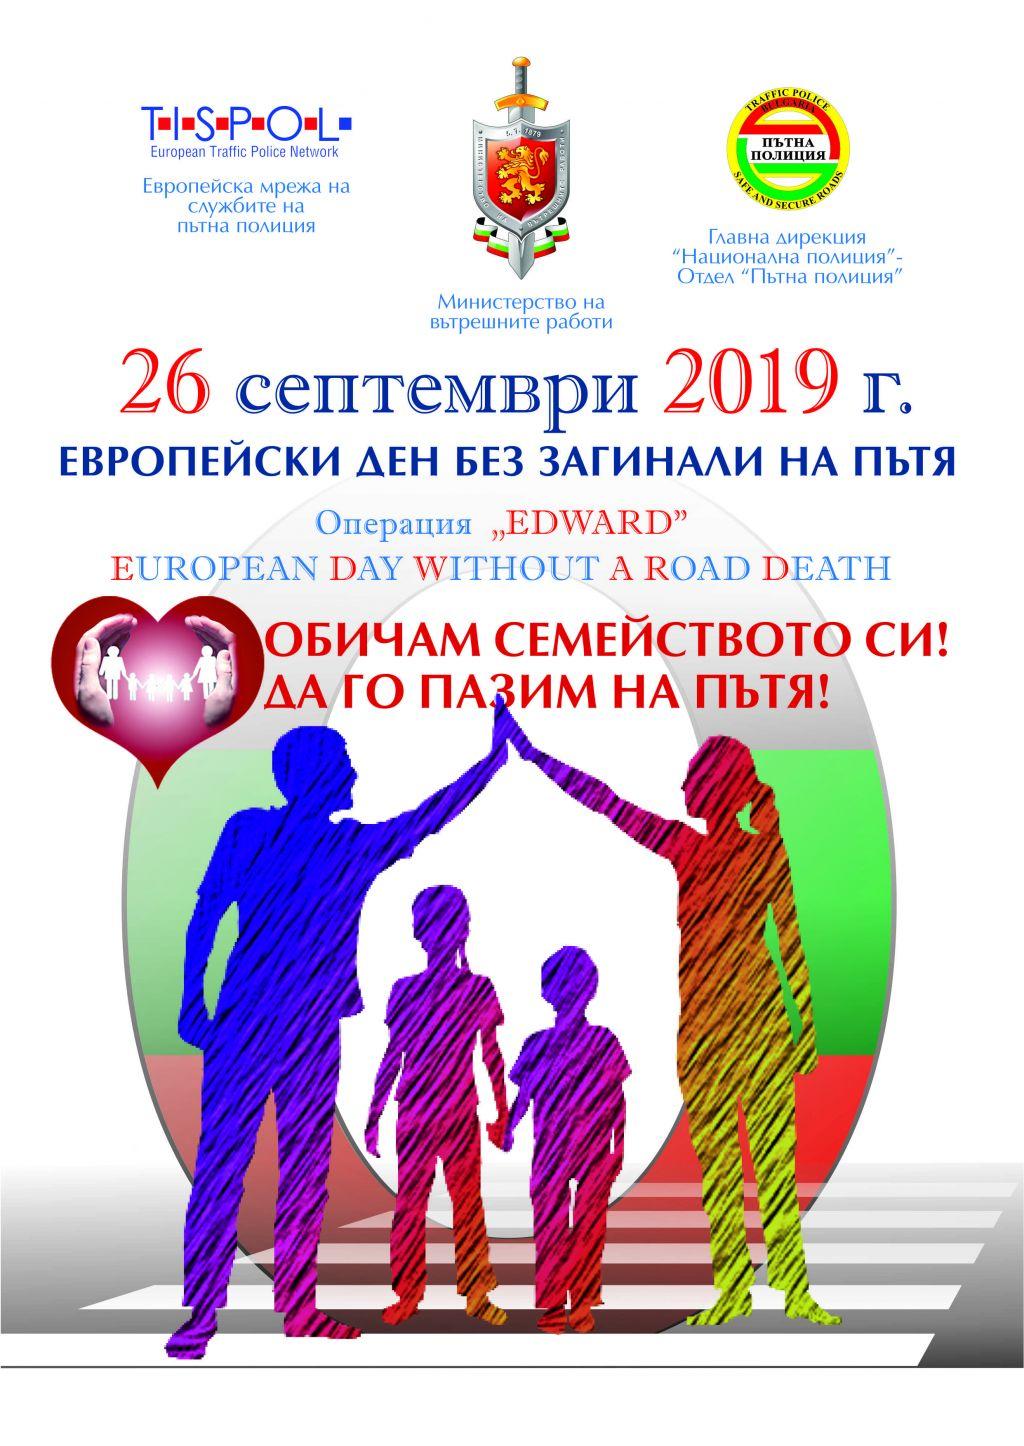 26 септември-Европейски ден без загинали на пътя - голяма снимка